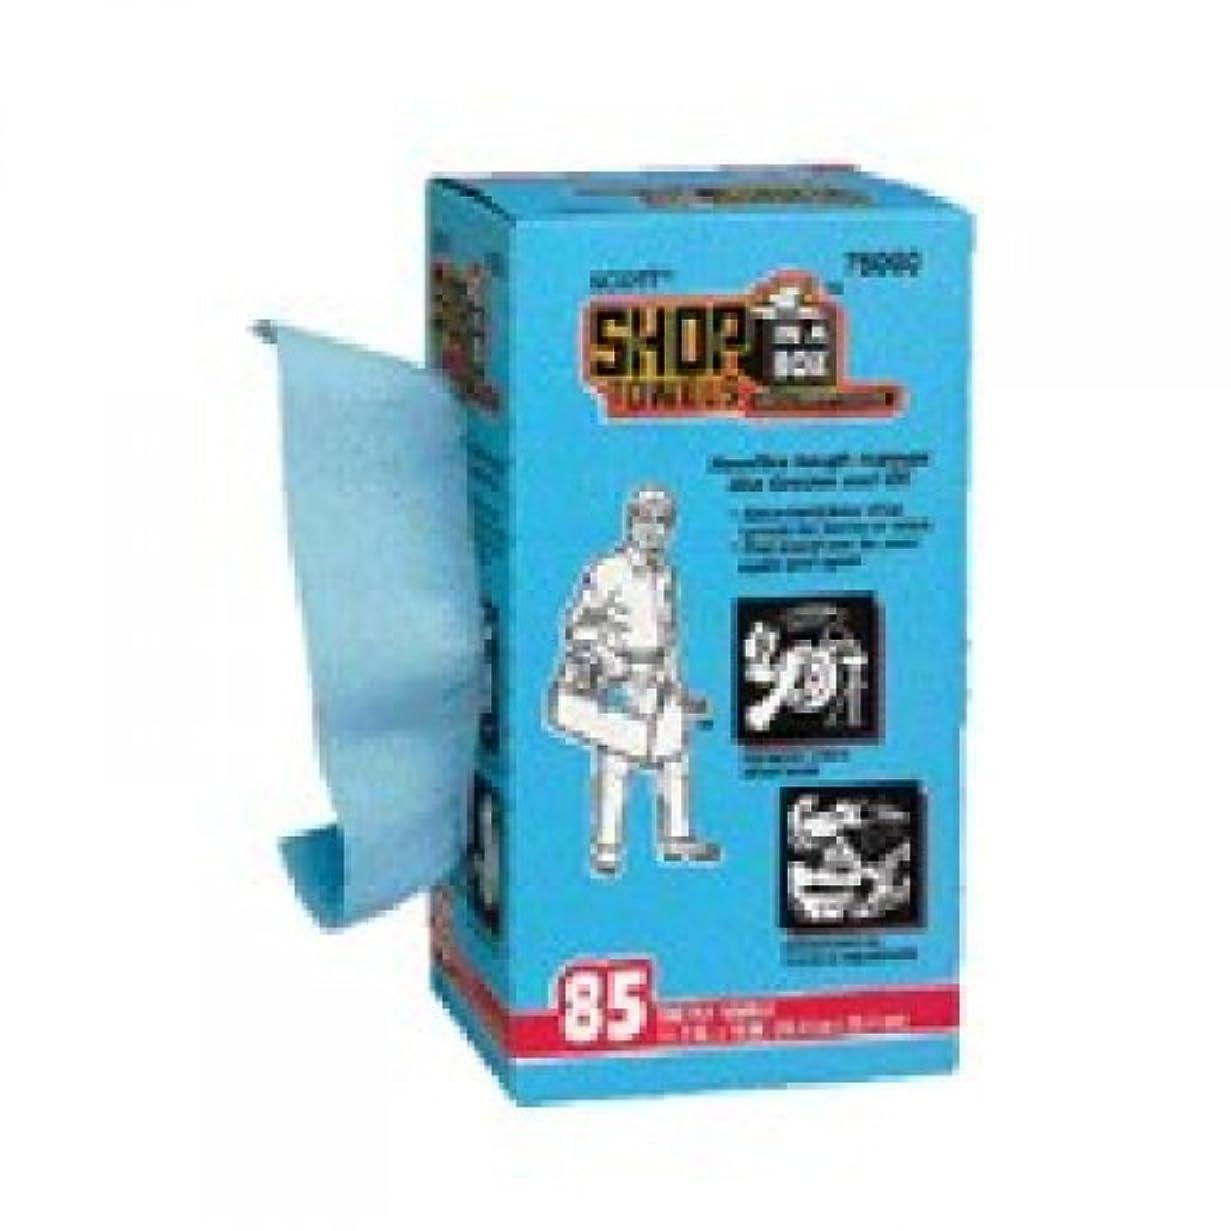 フィヨルド呼吸するチャットSCOTT ショップタオル ブルーBOX 85カット 65910